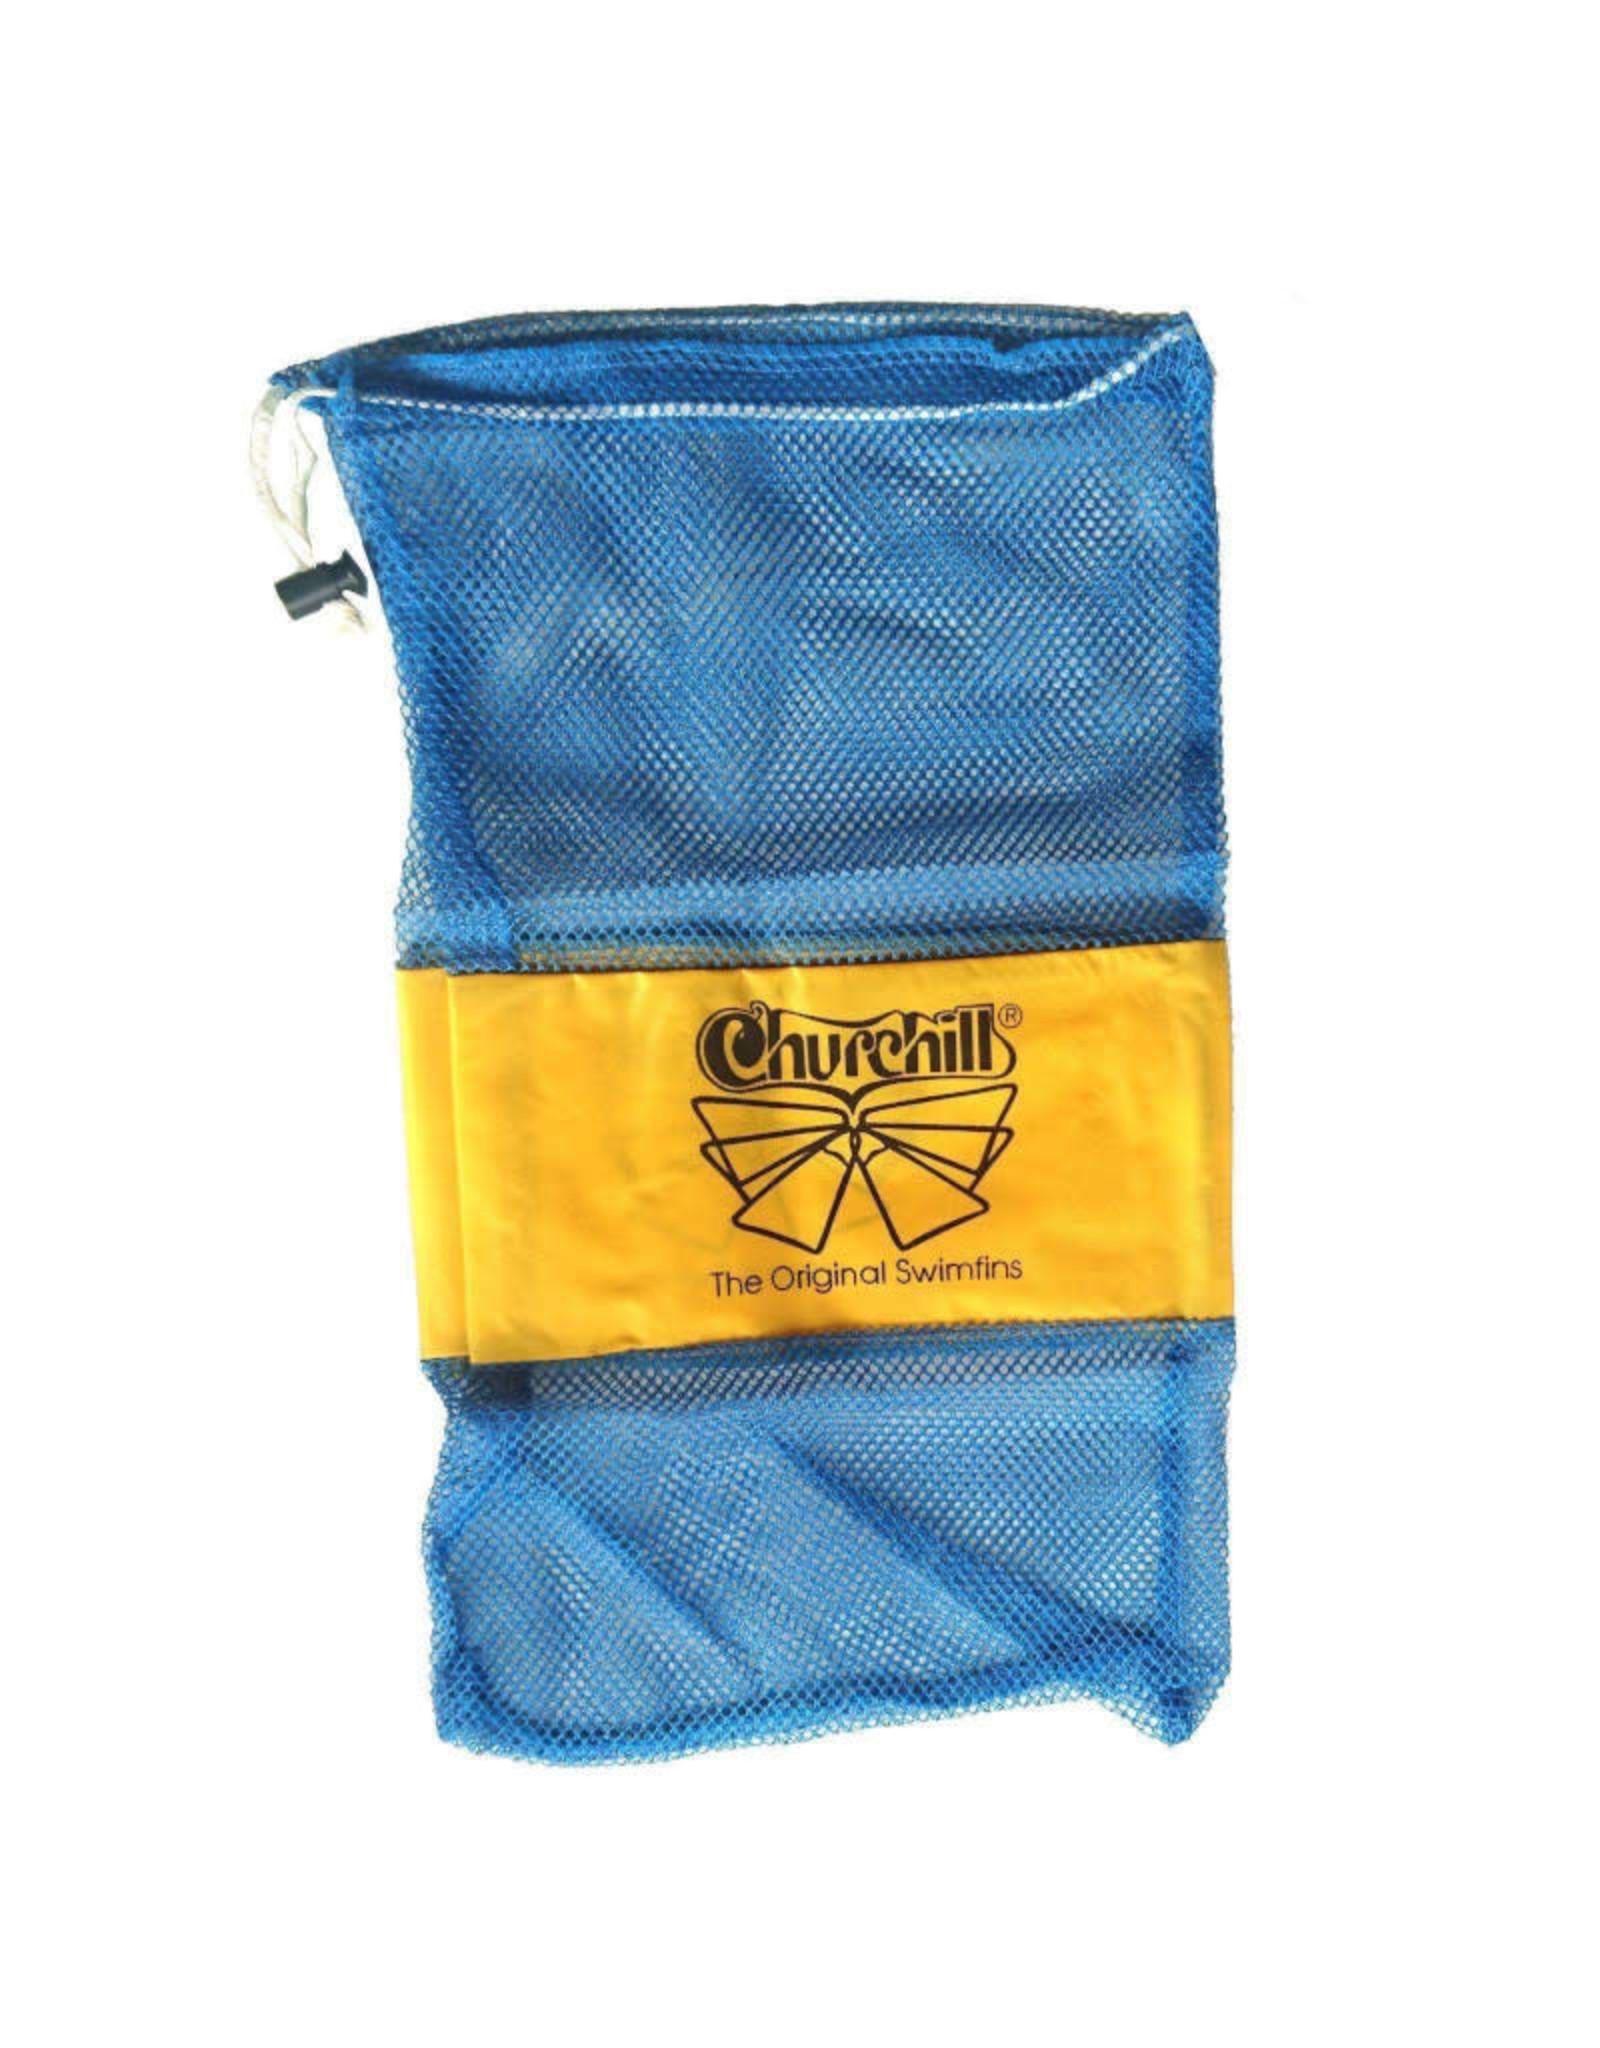 Churchill Churchill Mash bag for Bodyboard Fins